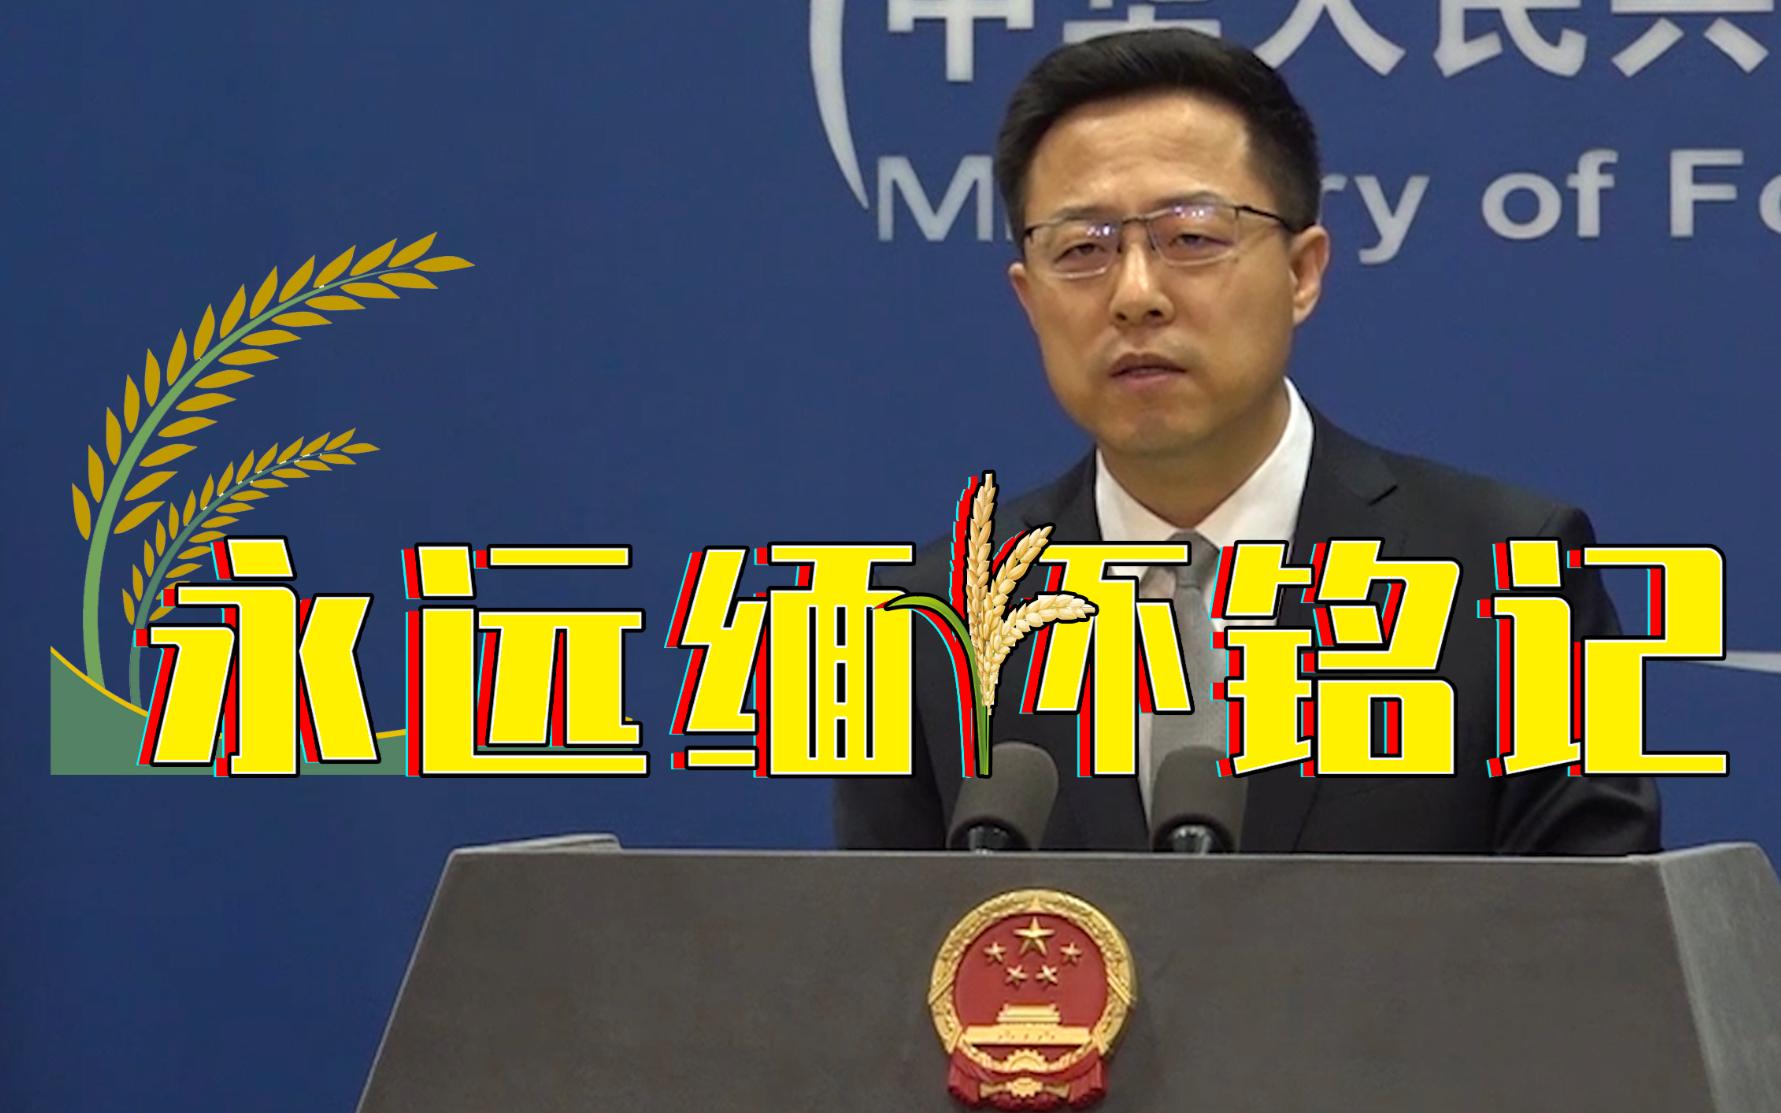 外交部:袁隆平逝世是中国和世界的巨大损失 他将永远为人们所铭记